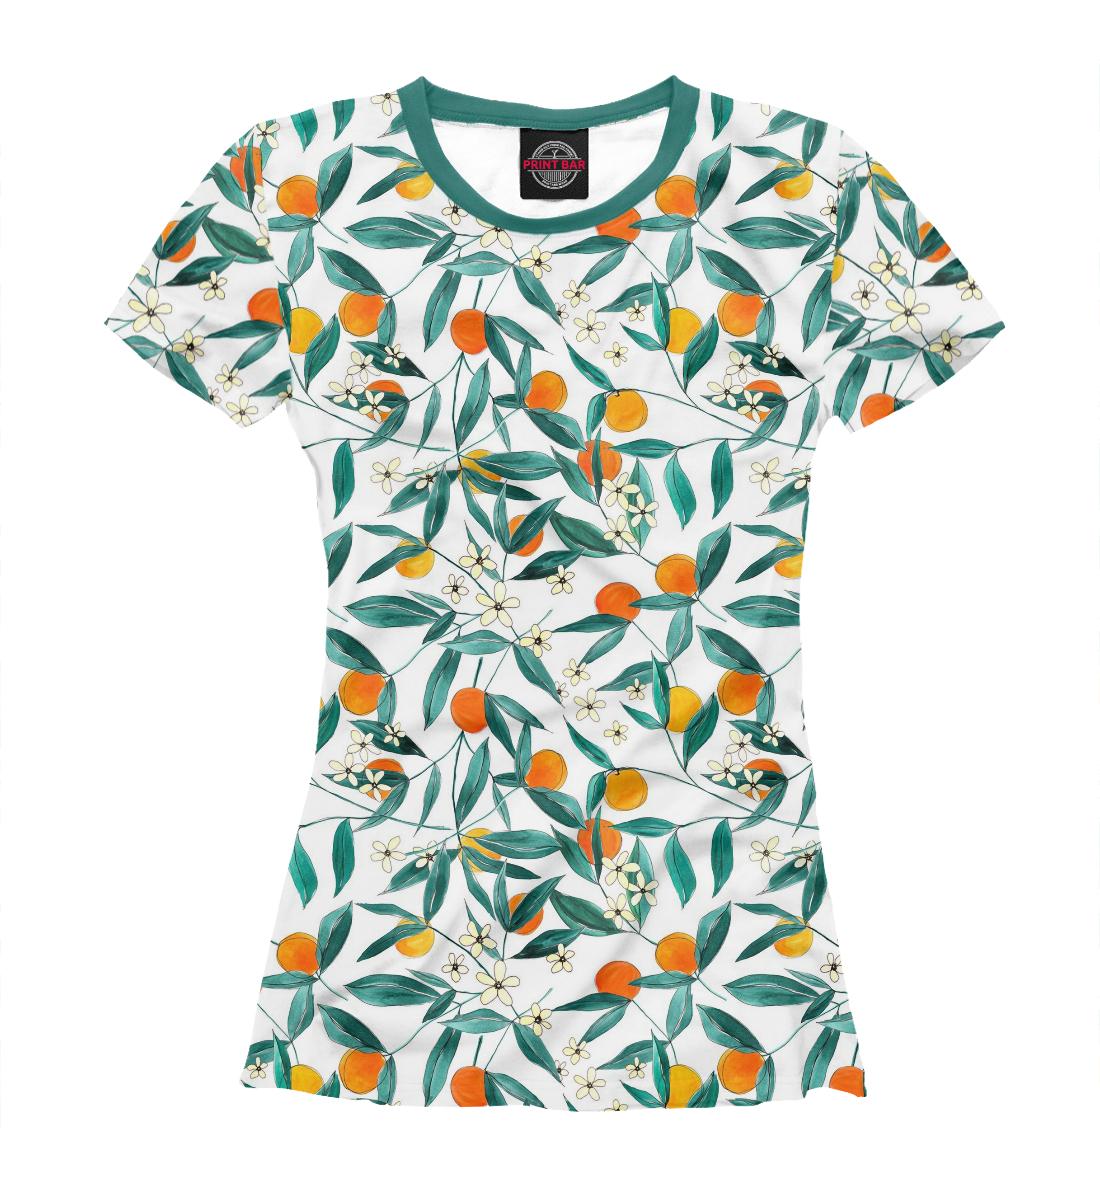 Купить Апельсины, Printbar, Футболки, EDA-469492-fut-1